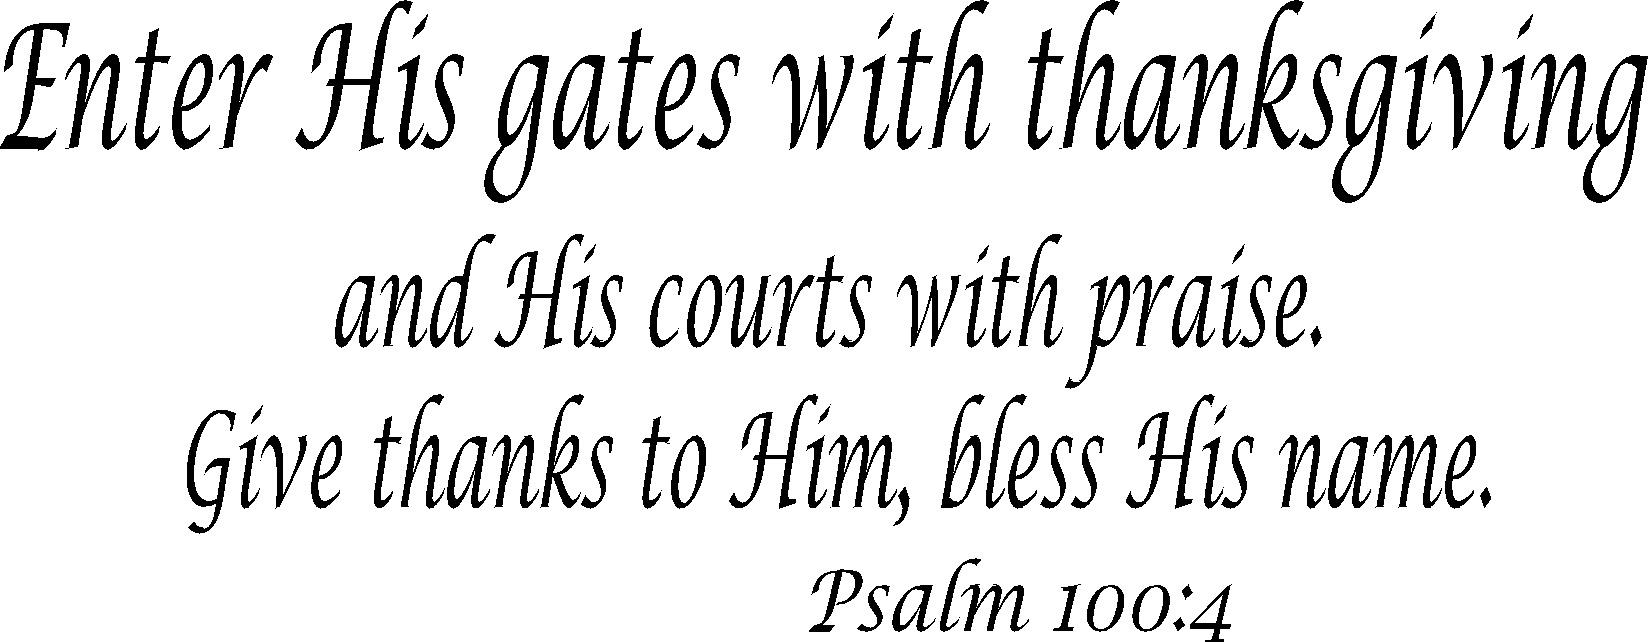 Decorative Scripture Wall Quote